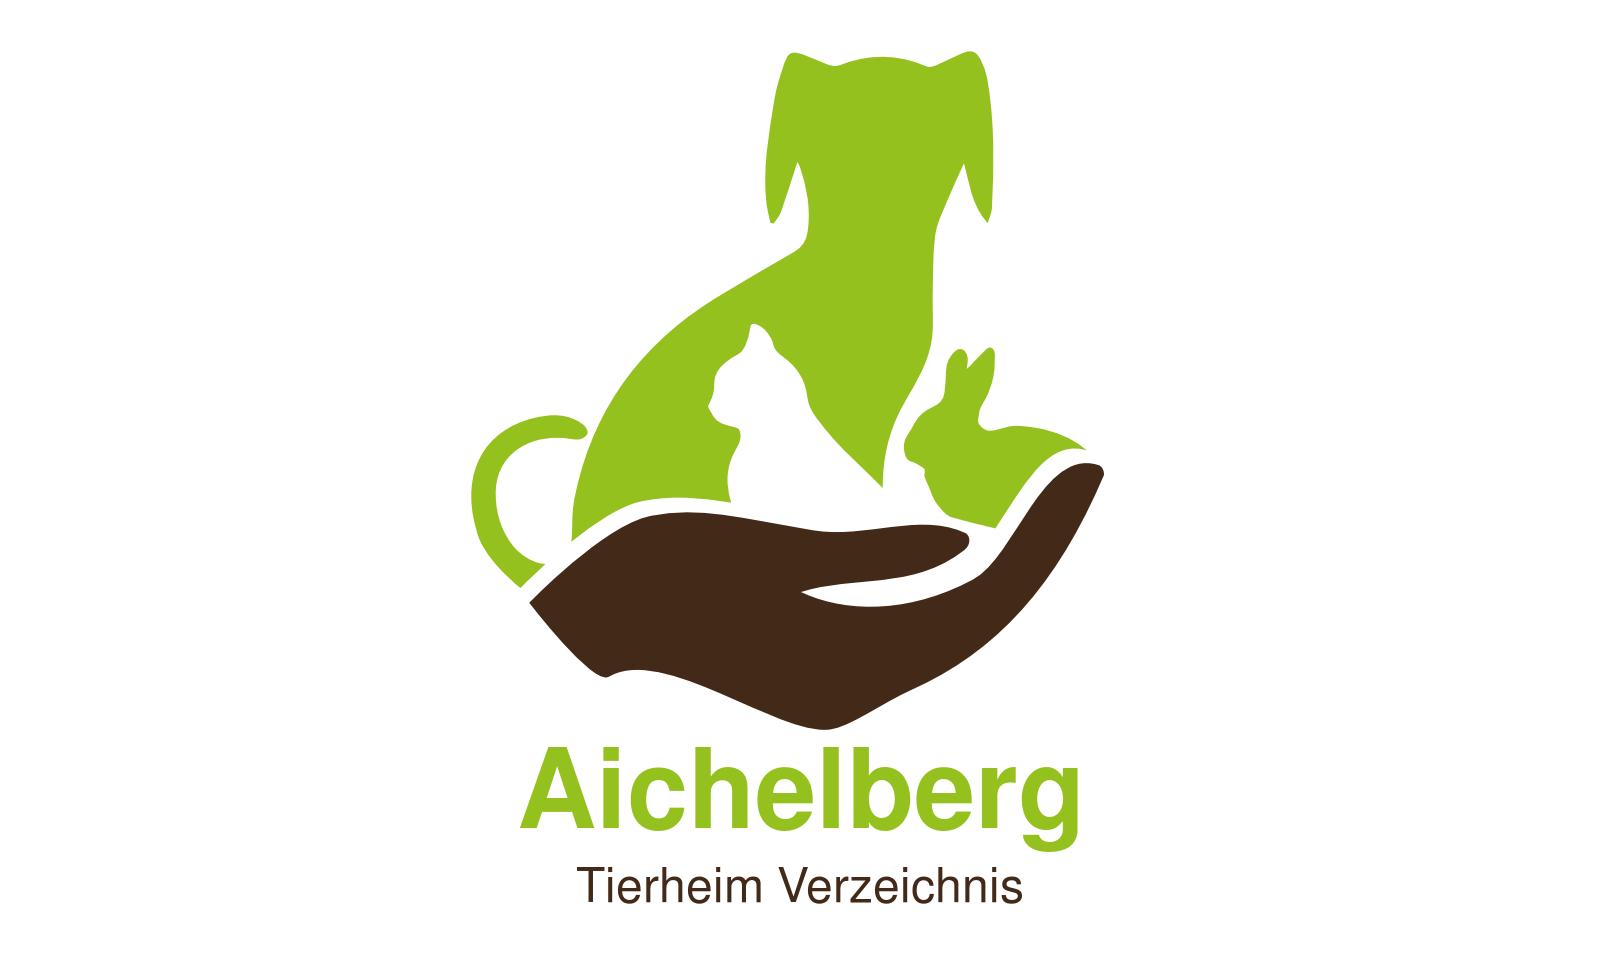 Tierheim Aichelberg